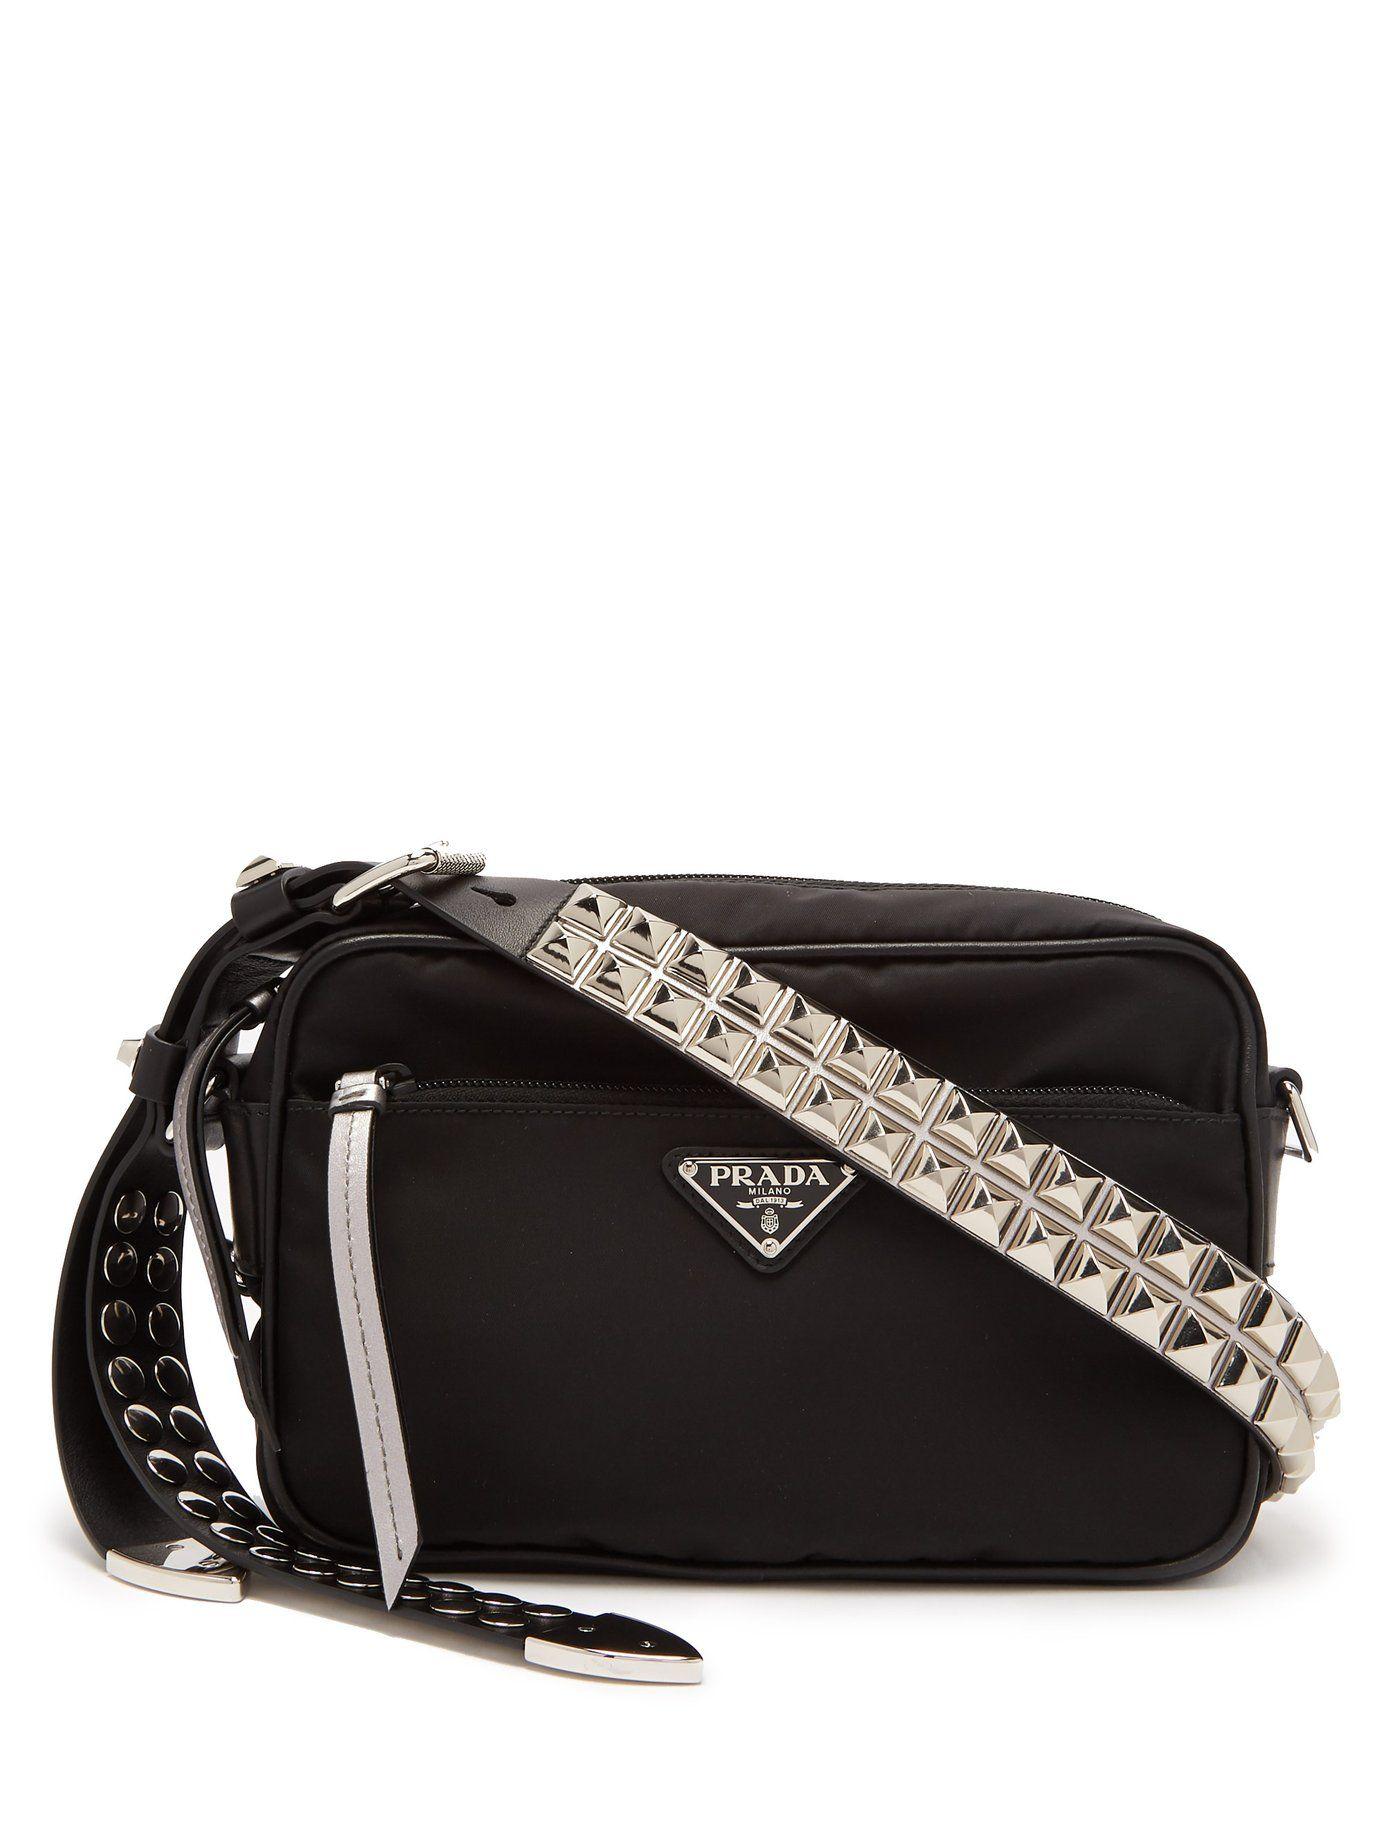 6d7ce2d88b78 New Vela nylon cross-body bag | Prada | MATCHESFASHION.COM | 99 ...